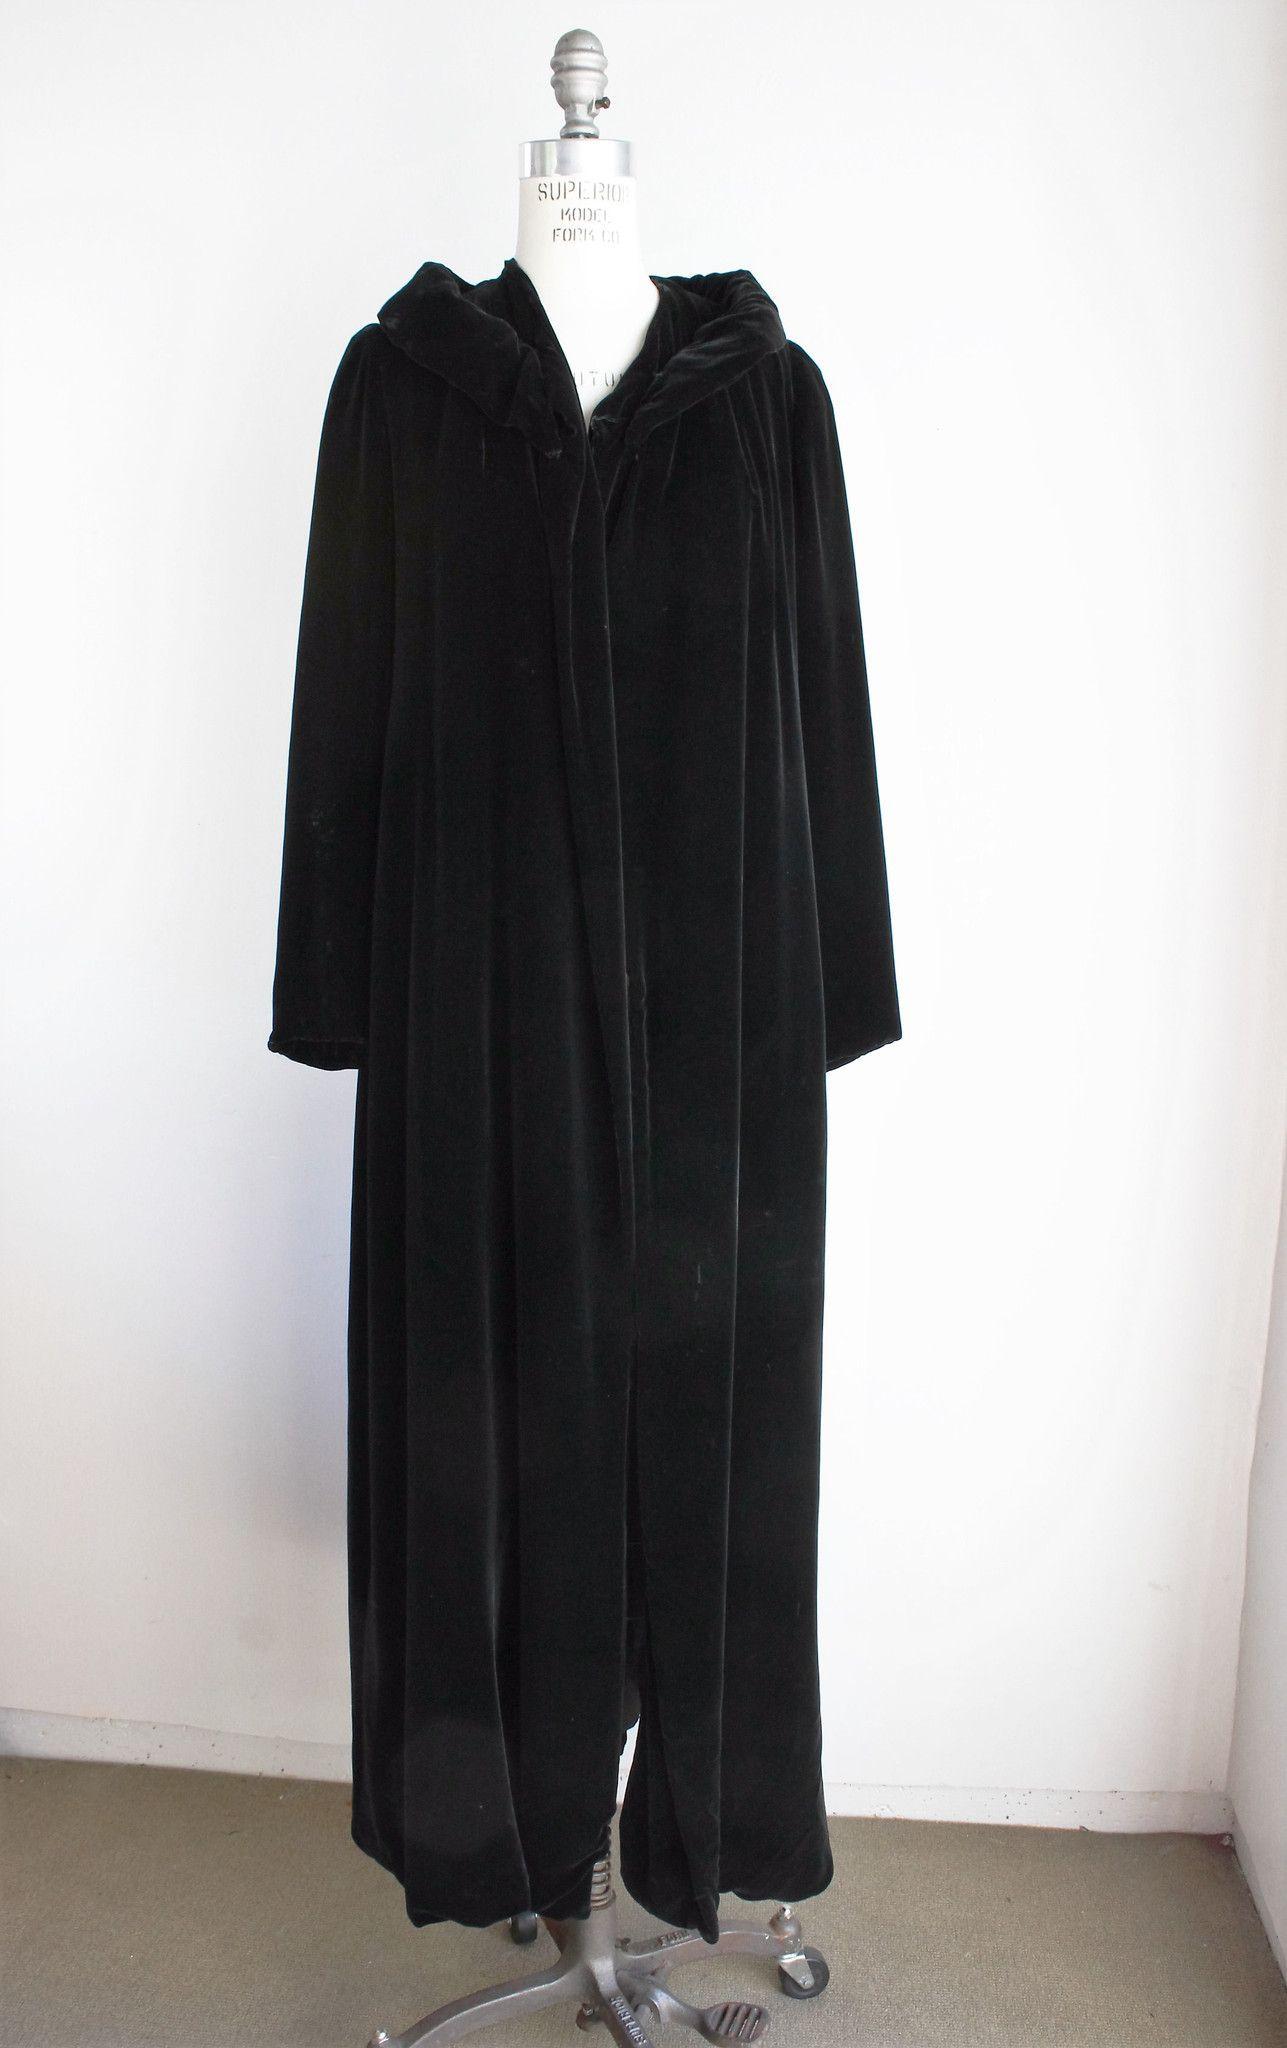 d706d13be44 Vintage 1940s 1950s Black Velvet Opera Coat, Bergdorf Goodman New York